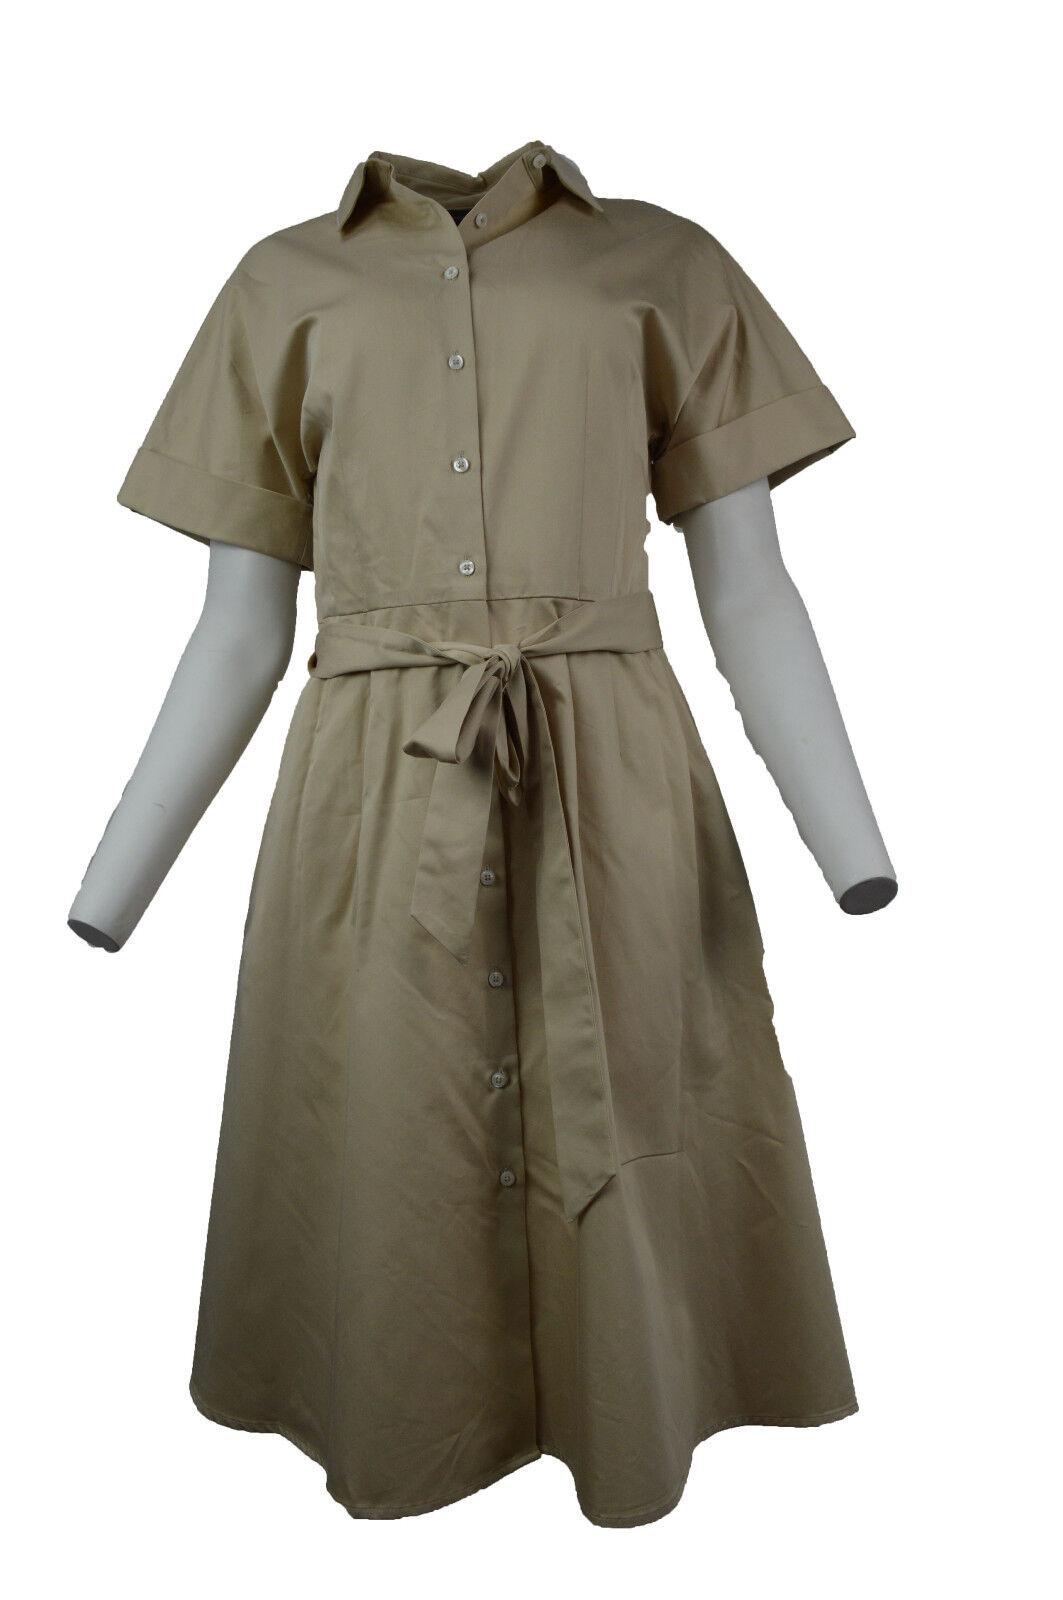 Brooks Brothers damen Beige Cotton Button Down Belted Shirt Dress Sz 6 2894-2